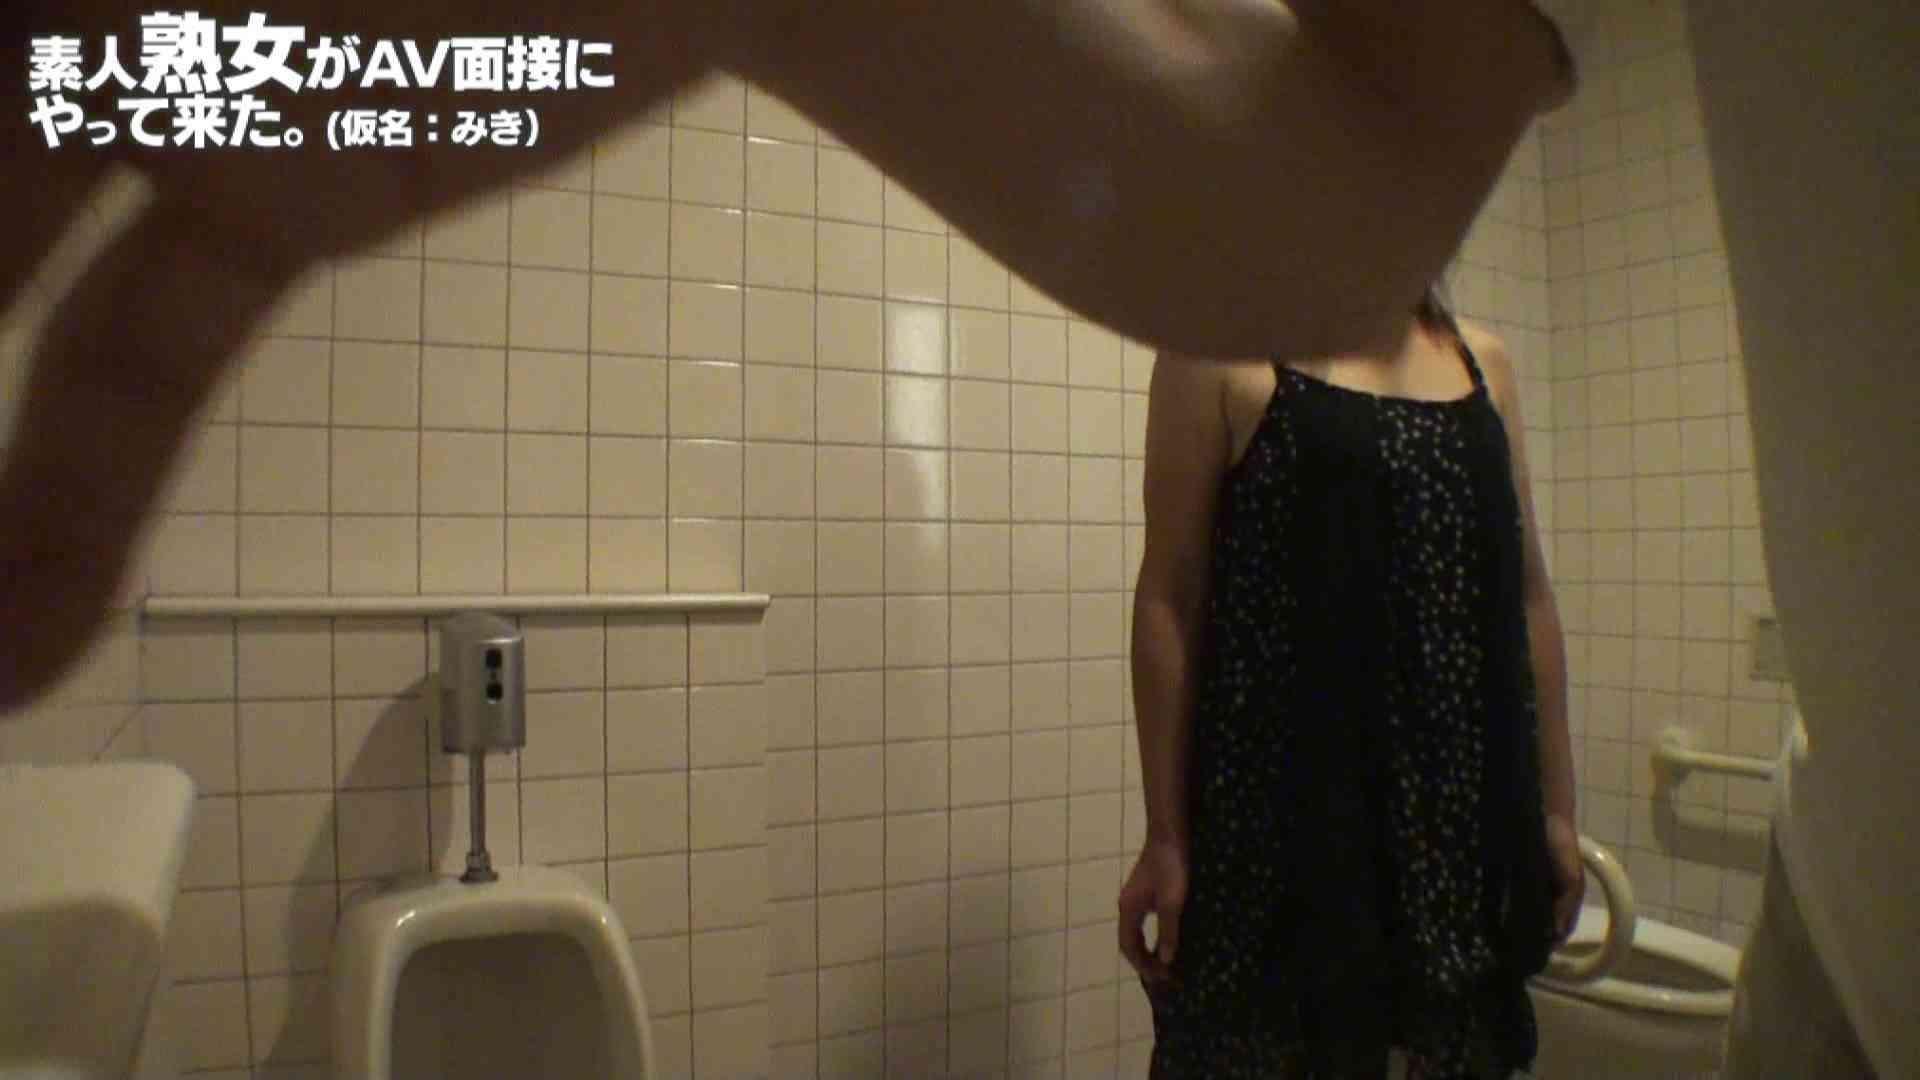 素人熟女がAV面接にやってきた (熟女)みきさんVOL.03 洗面所 のぞき動画キャプチャ 105pic 29